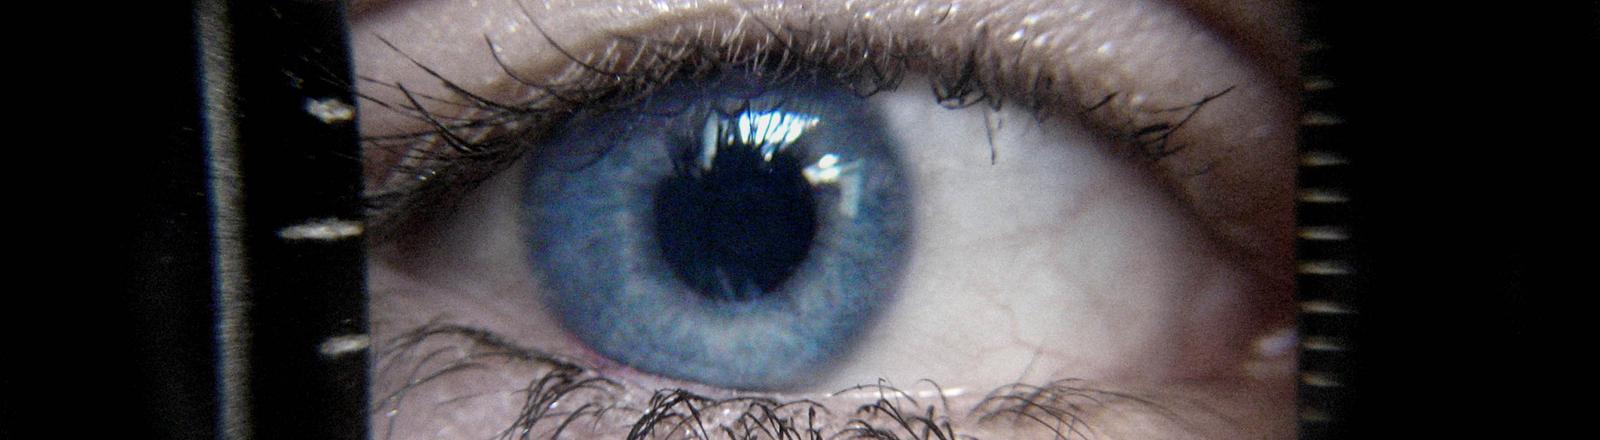 Ein blaues Auge in ganz groß.